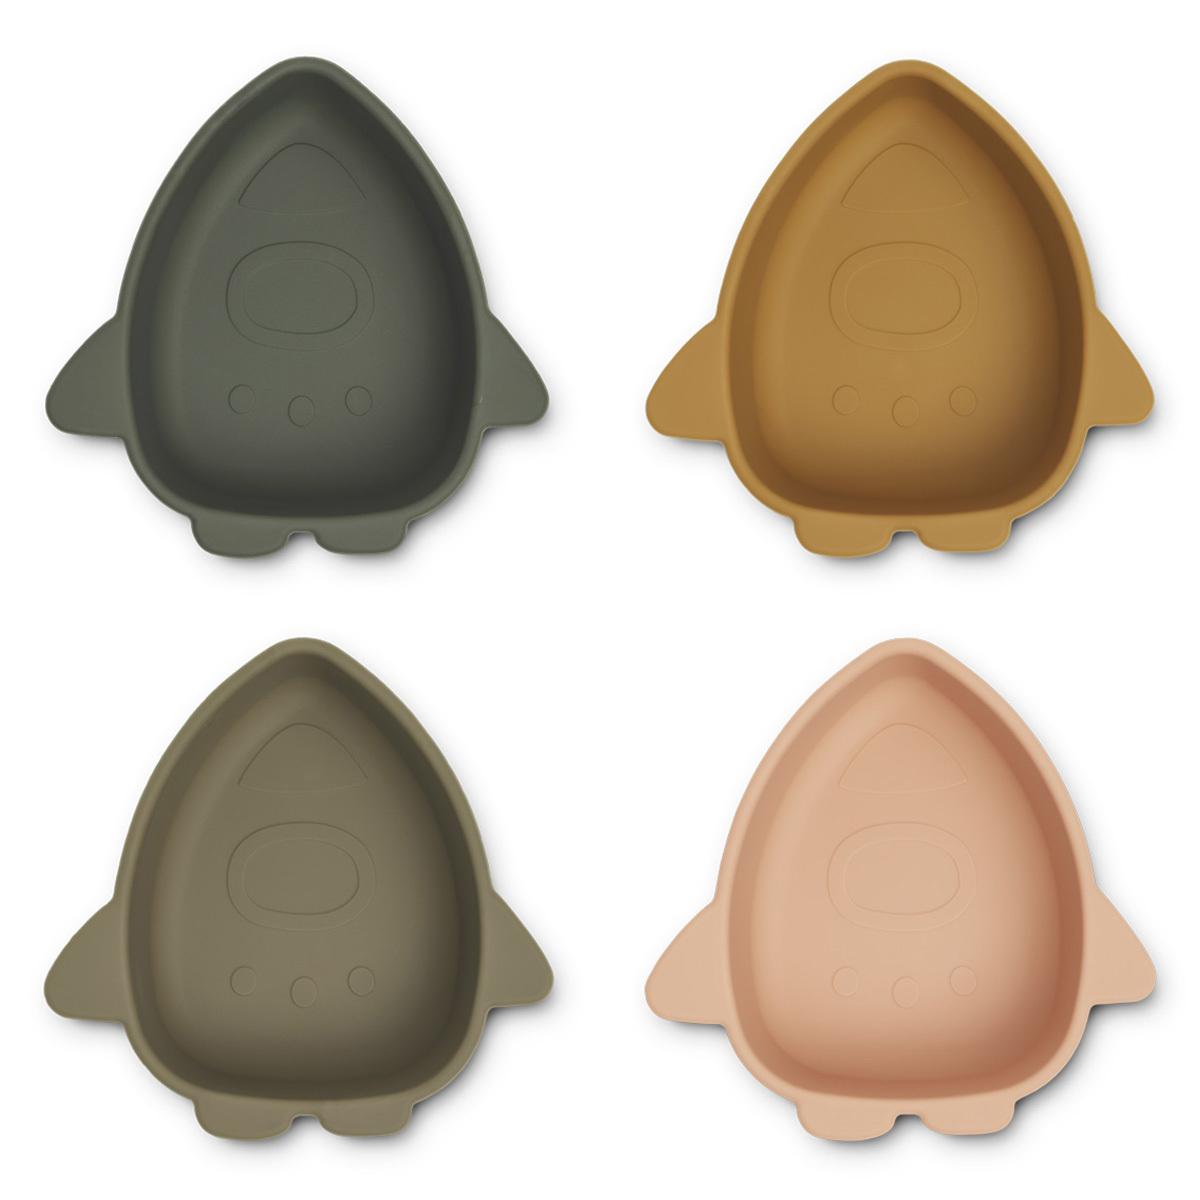 Vaisselle & Couvert Lot de 4 Bols en Silicone Iggy - Space Multi Mix Lot de 4 Bols en Silicone Iggy - Space Multi Mix